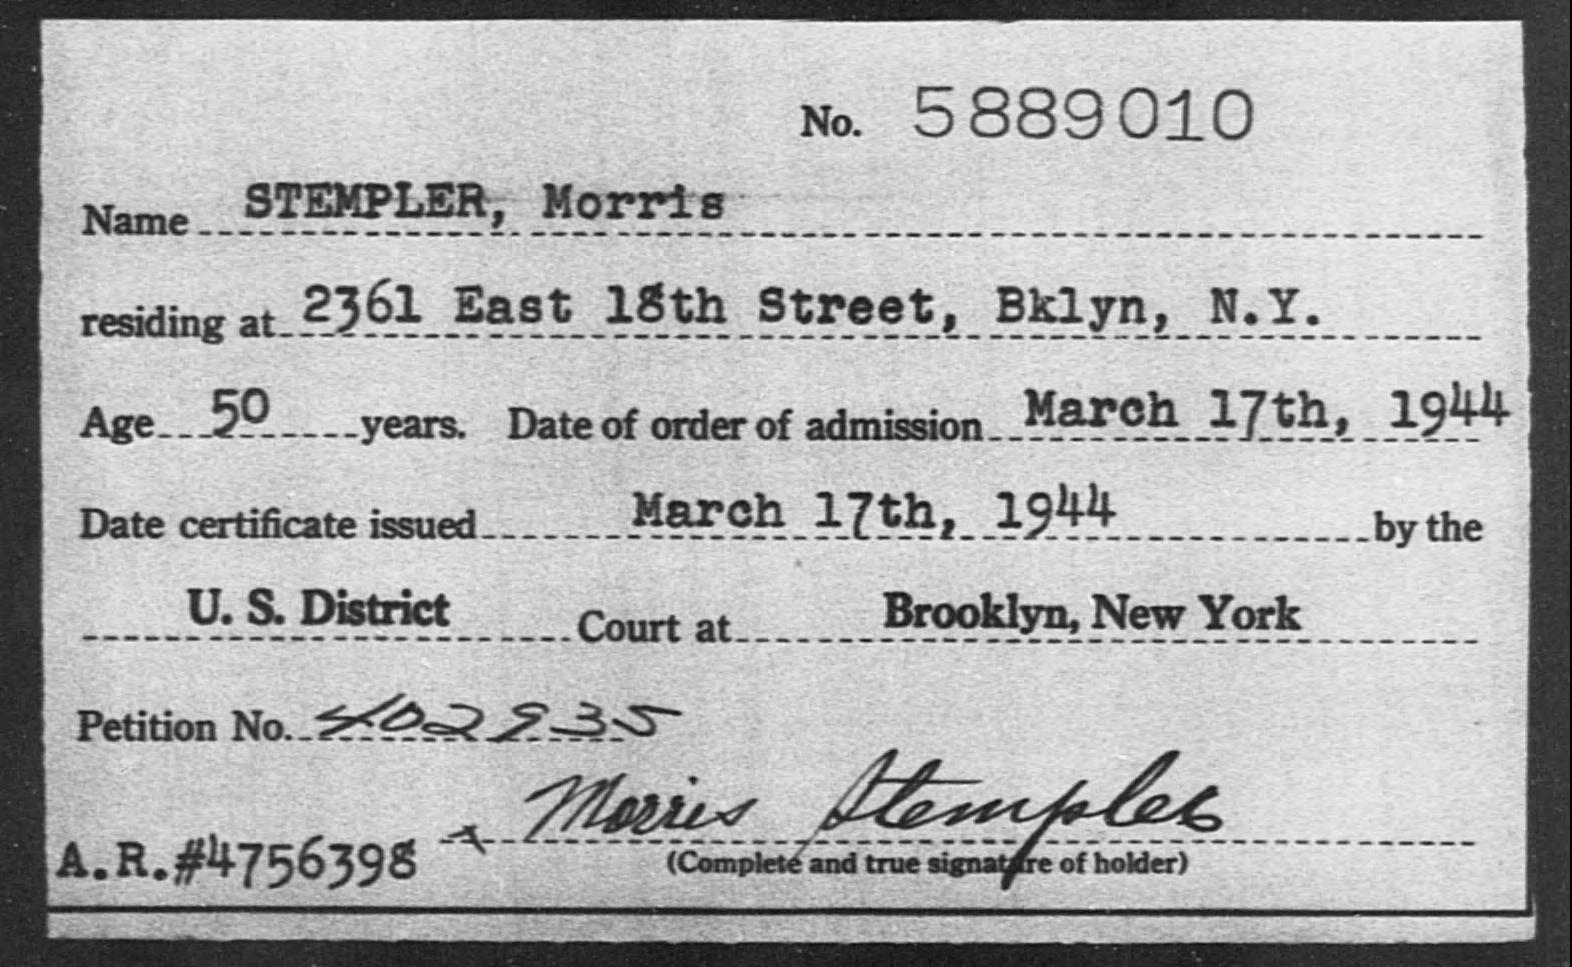 STEMPLER, Morris - Born: [BLANK], Naturalized: 1944